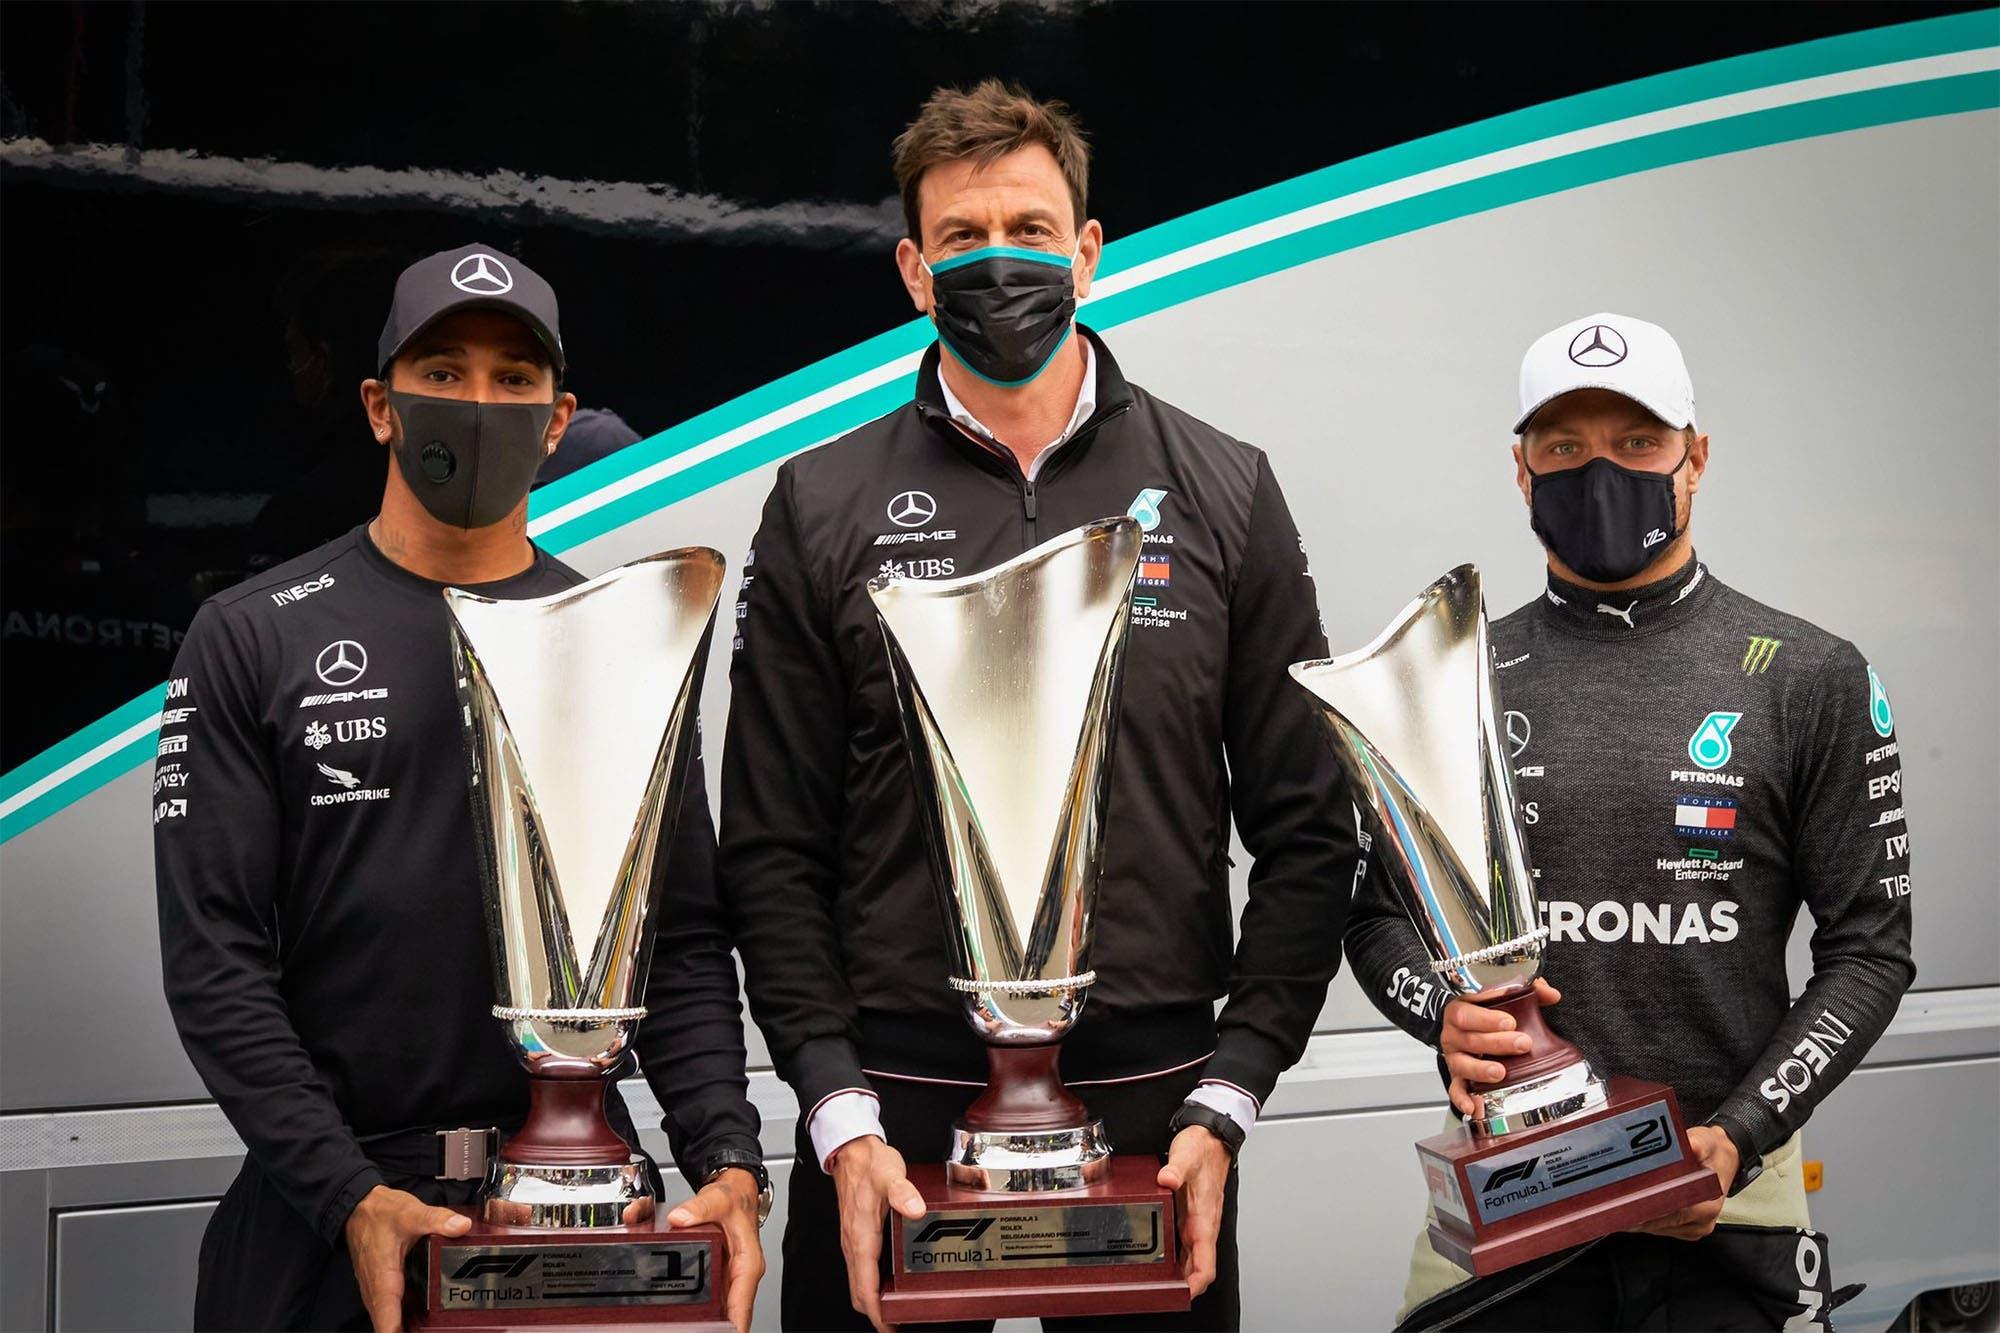 Fórmula 1. Mercedes mantiene la hegemonía, mientras Lewis Hamilton proyecta el séptimo título